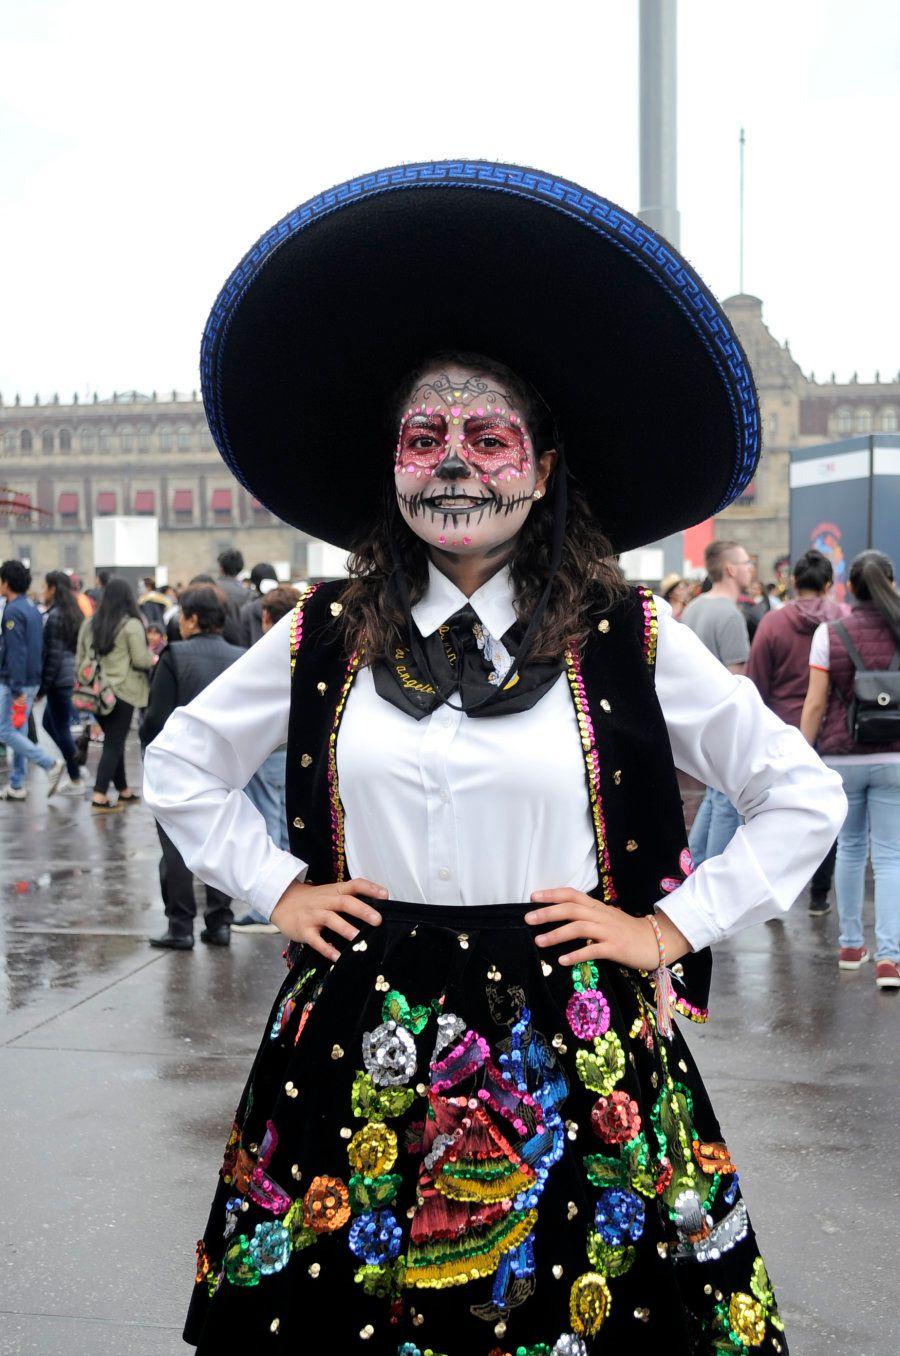 O clima do Dia dos Mortos está mais para o Carnaval brasileiro do que para o Dia de Finados no